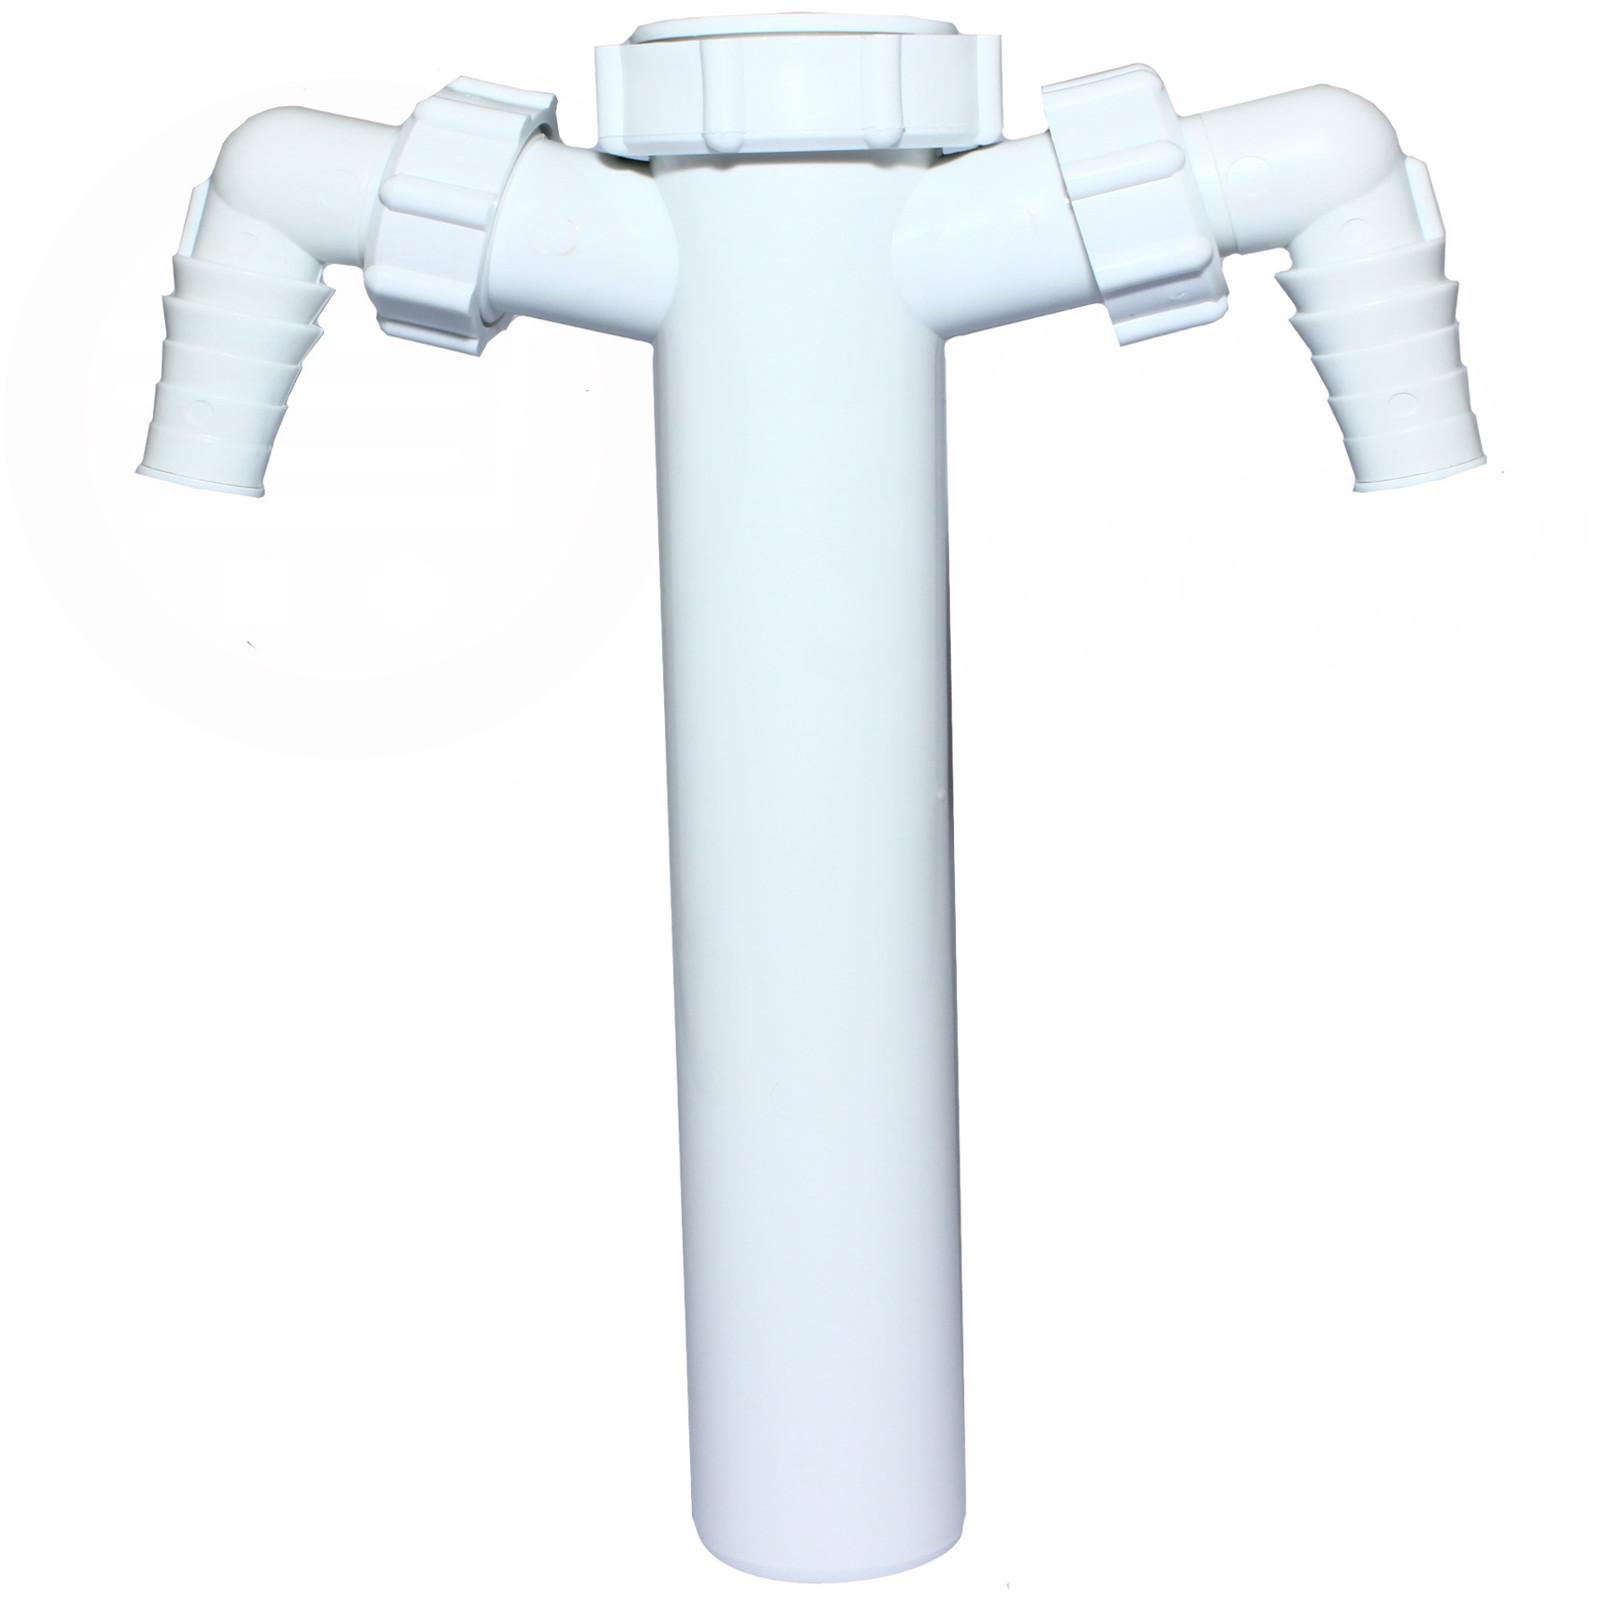 Splitter Gerateanschluss Siphon Waschmaschine Spulmaschine Spule